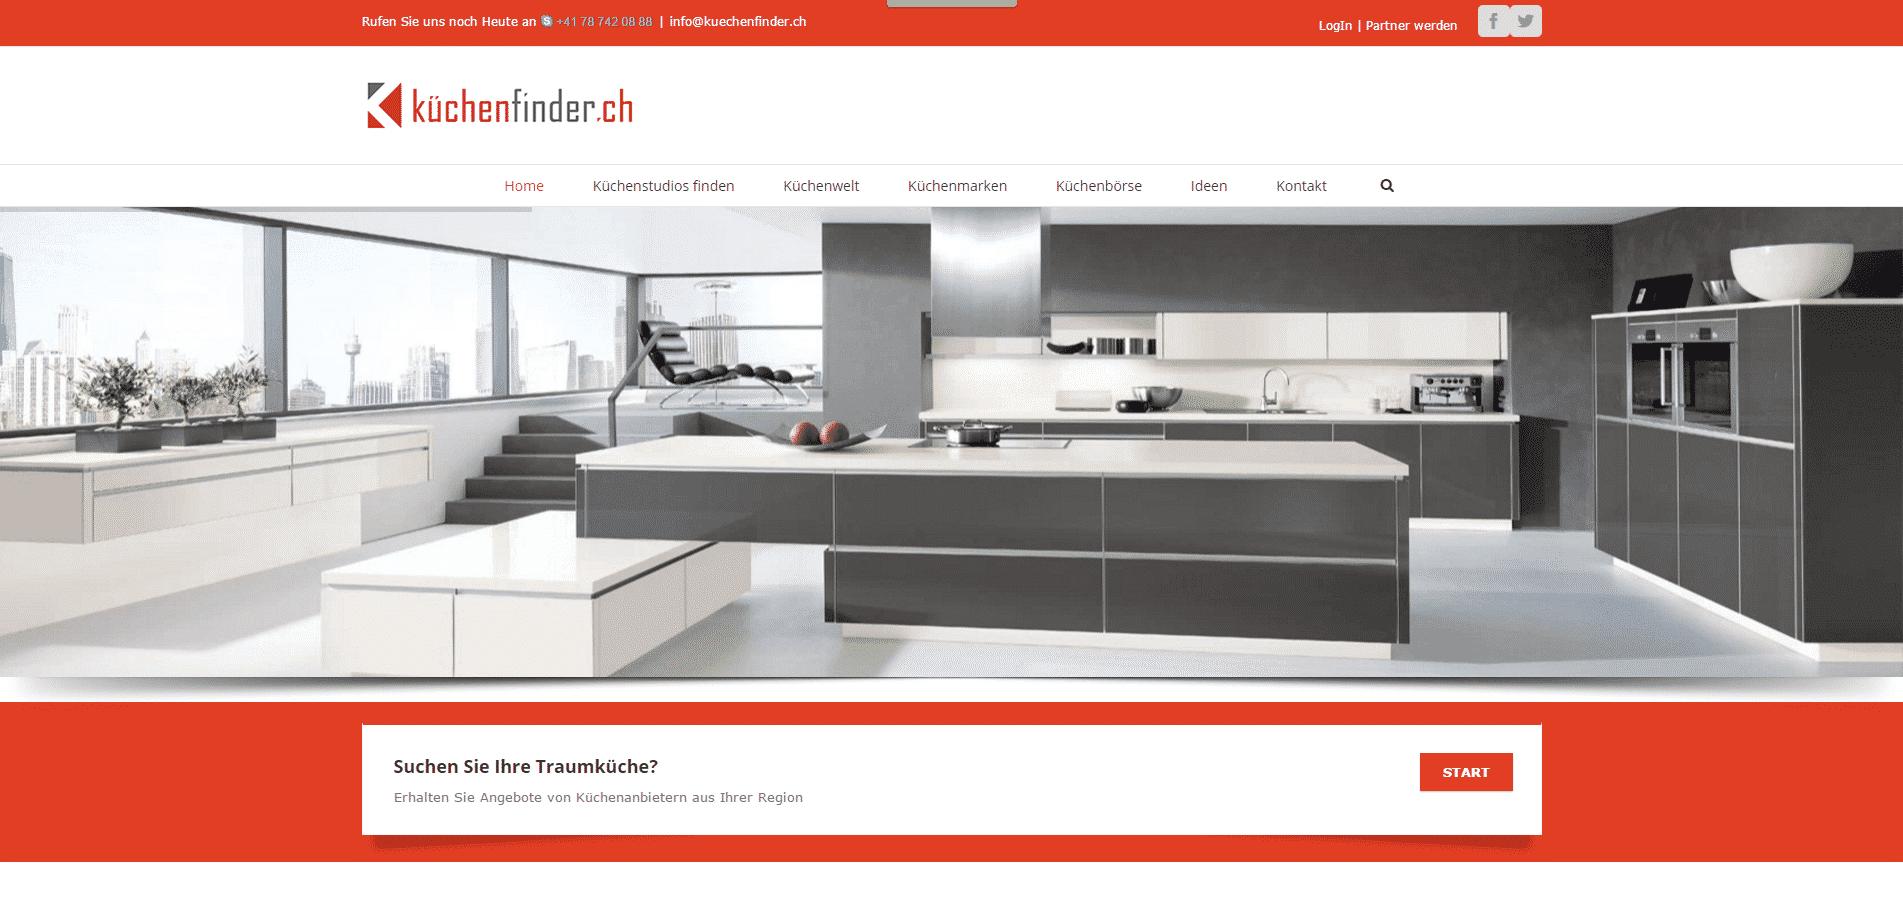 www.kuechenfinder.ch